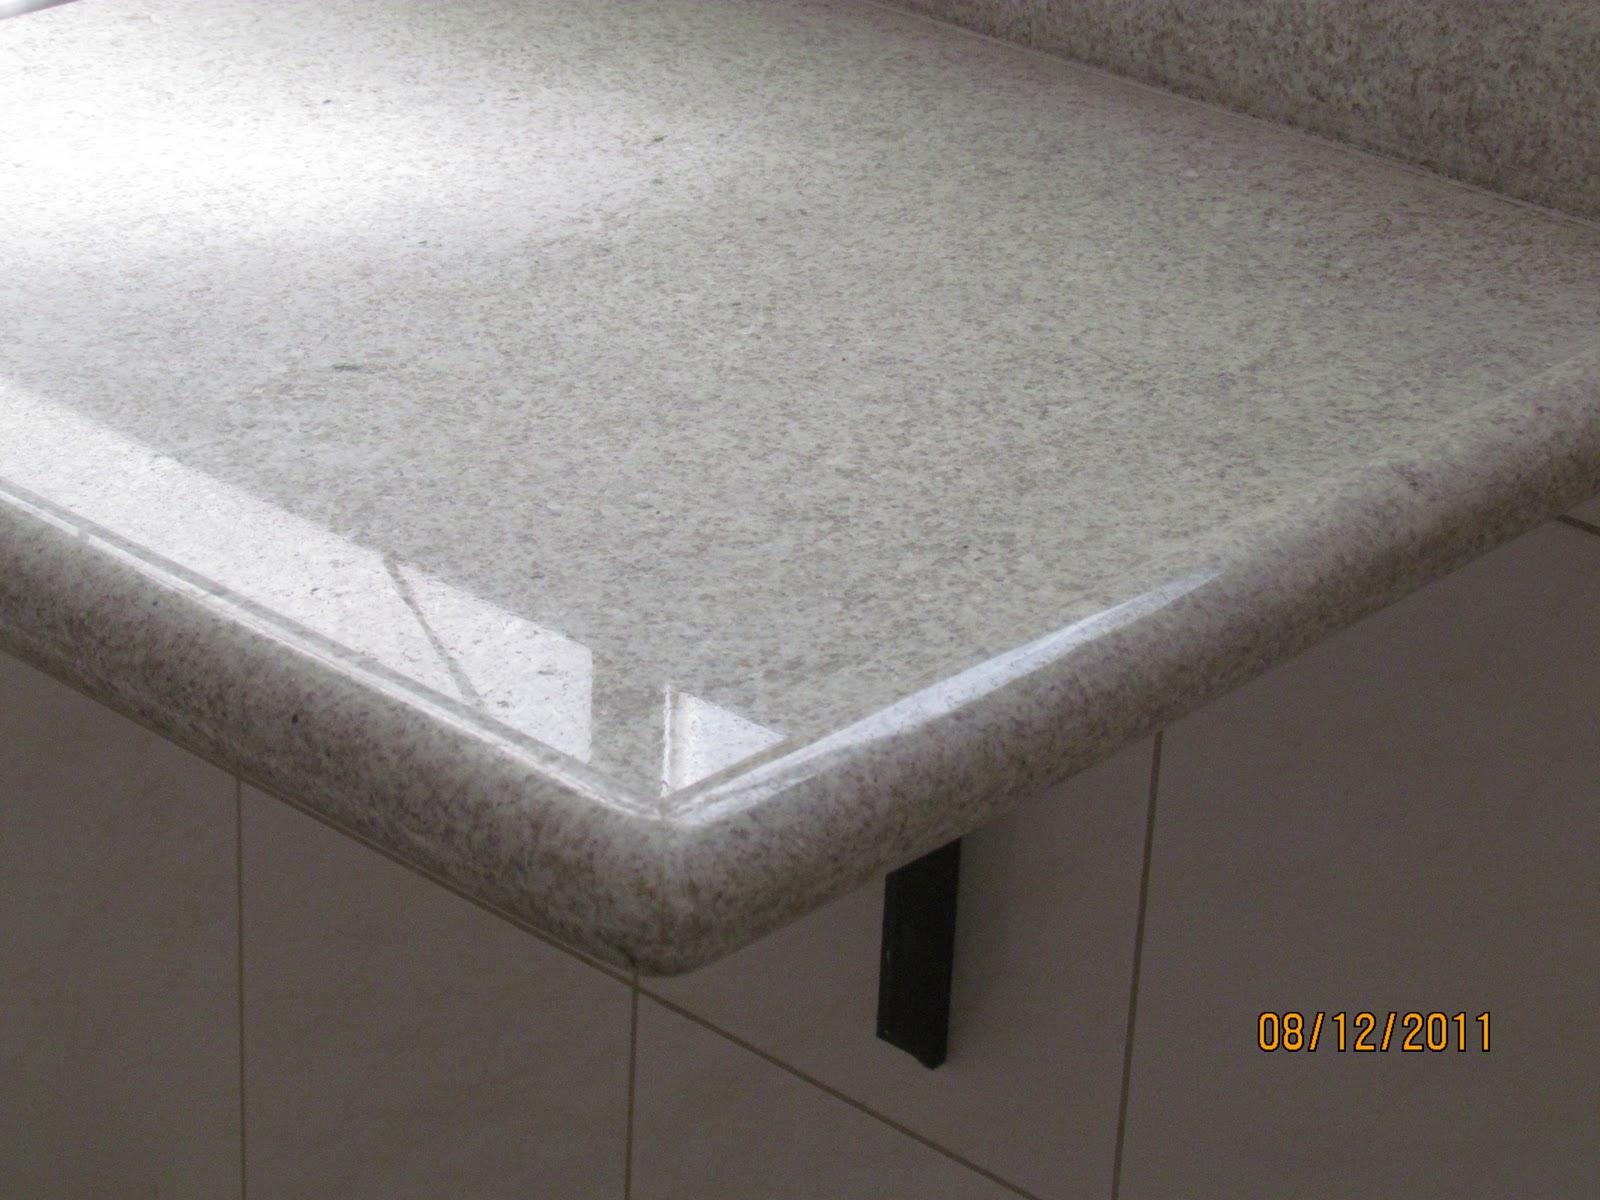 : Bancada de cozinha em granito branco siena acabamento boleado #62594D 1600x1200 Bancada Banheiro Branco Siena